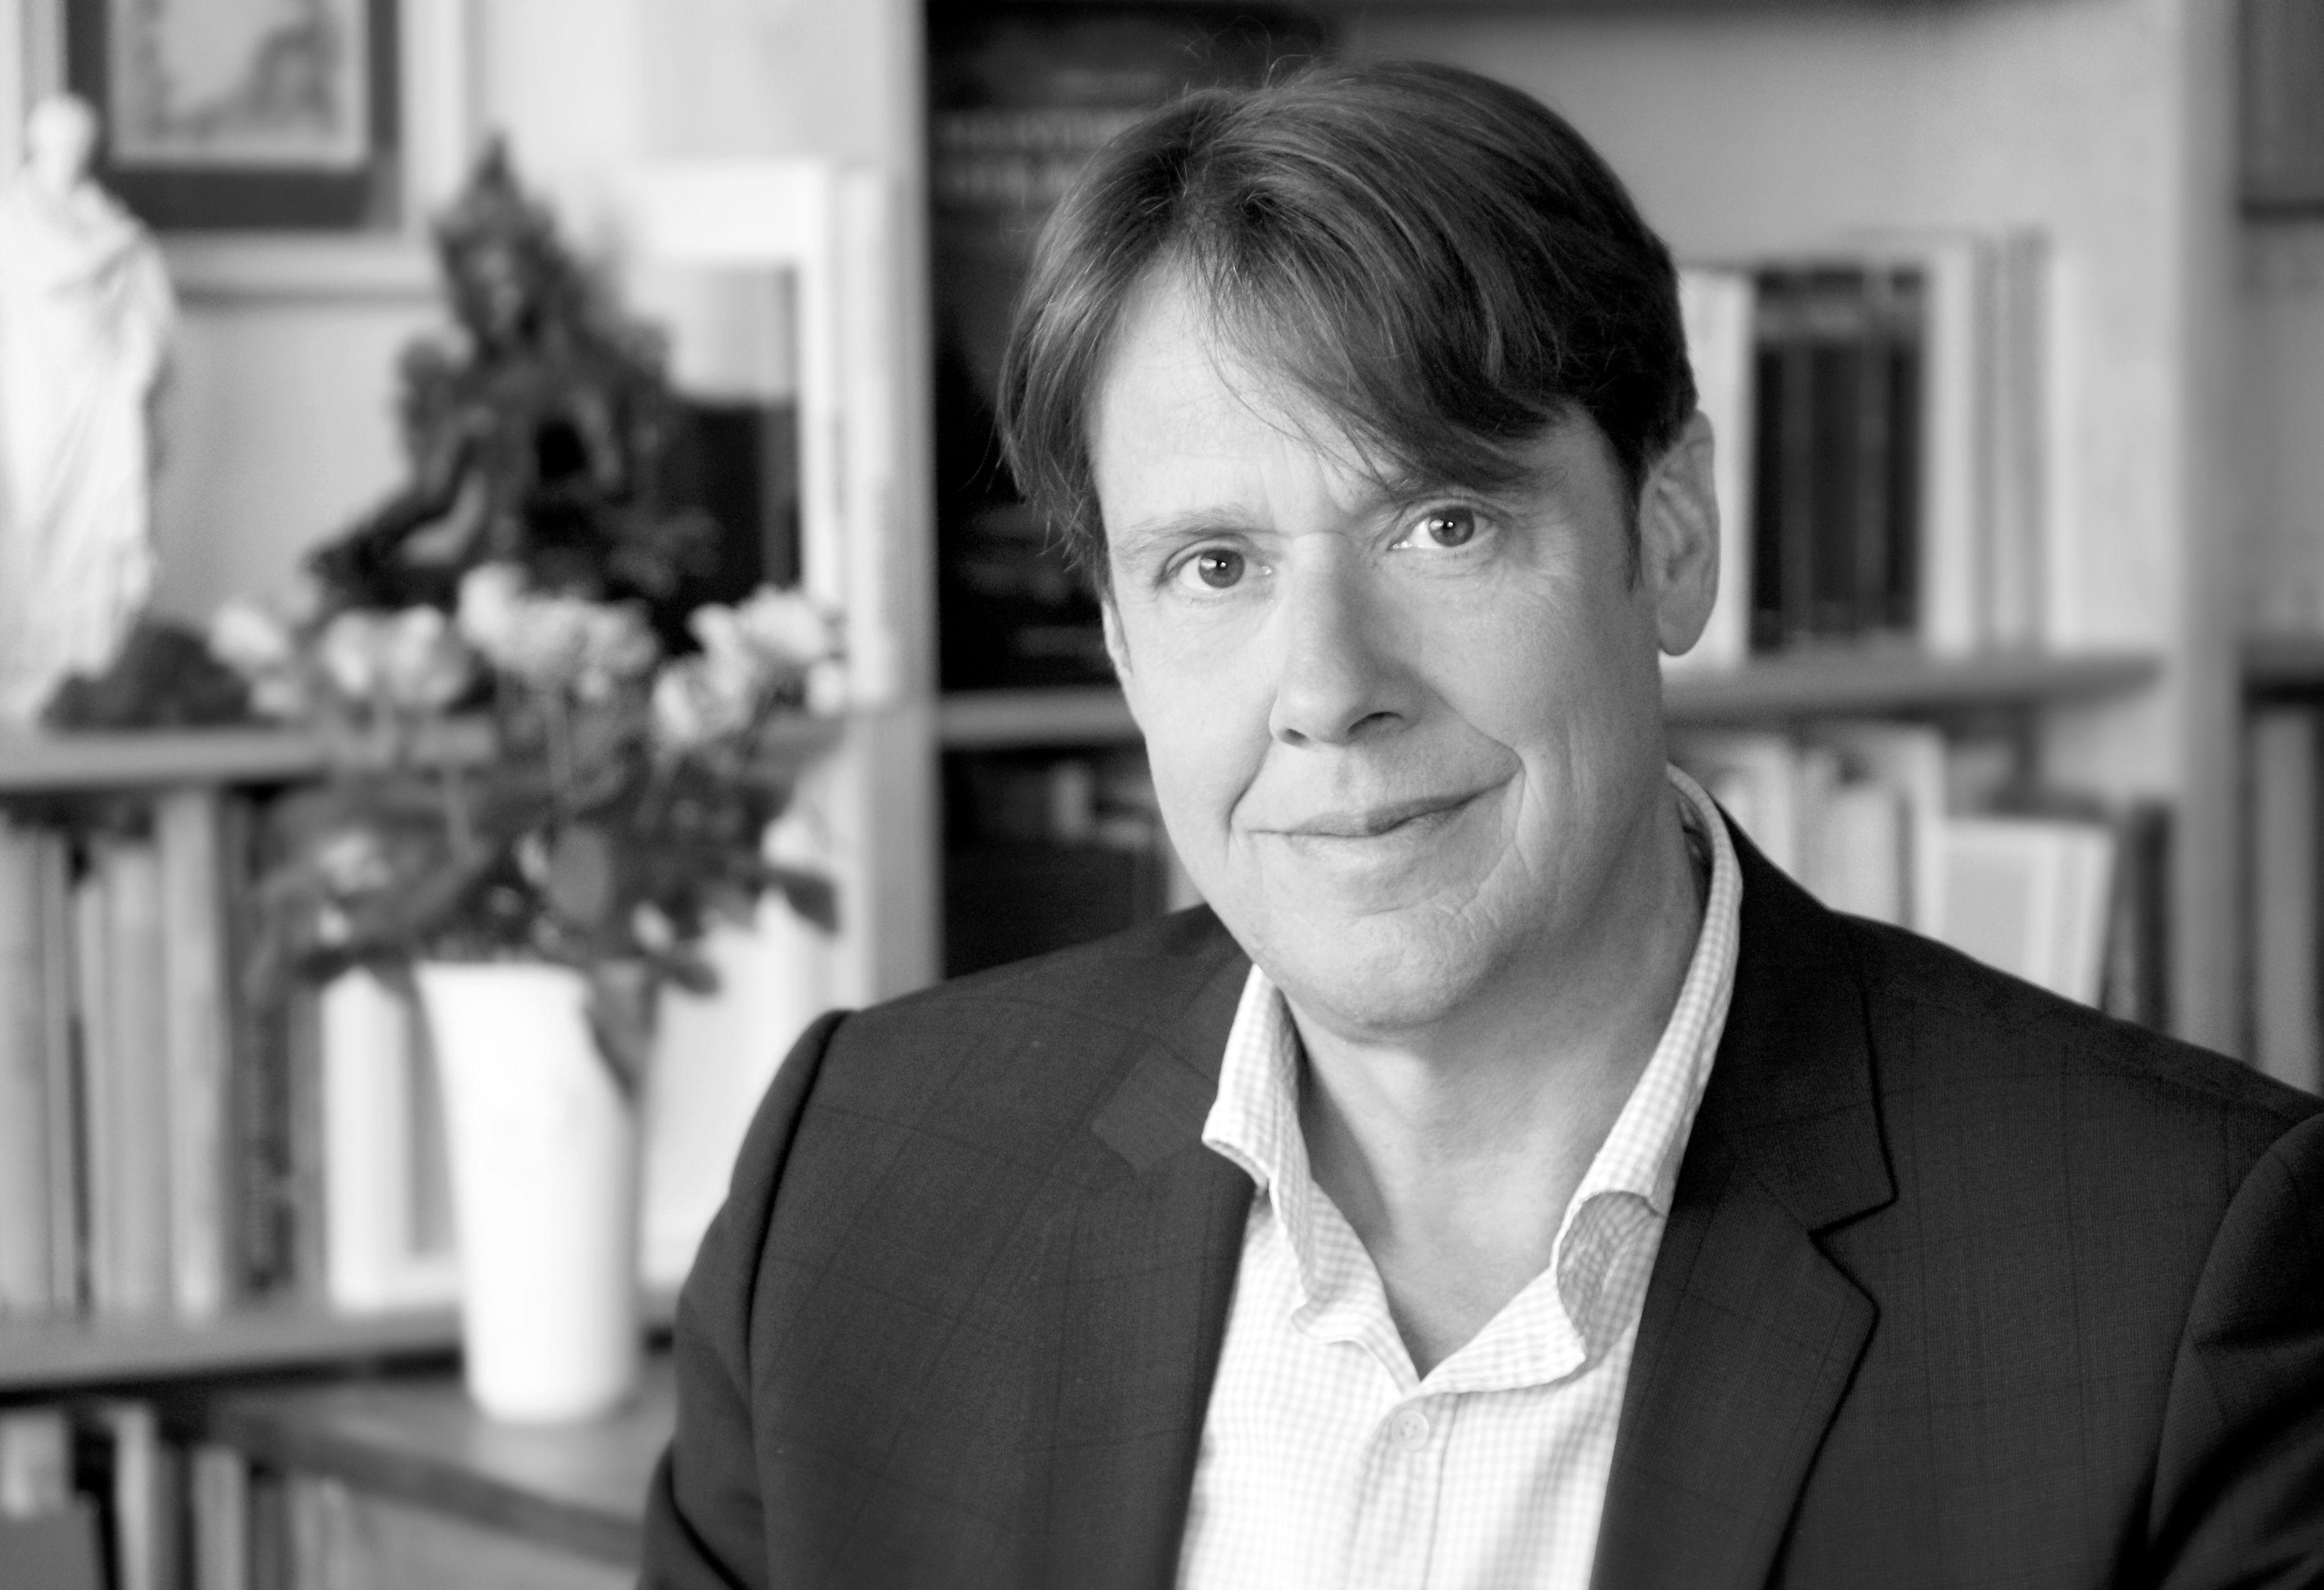 Interview Mit Christoph Quarch Rettet Das Spiel Weil Leben Mehr Als Funktionieren Ist Sinndeslebens24